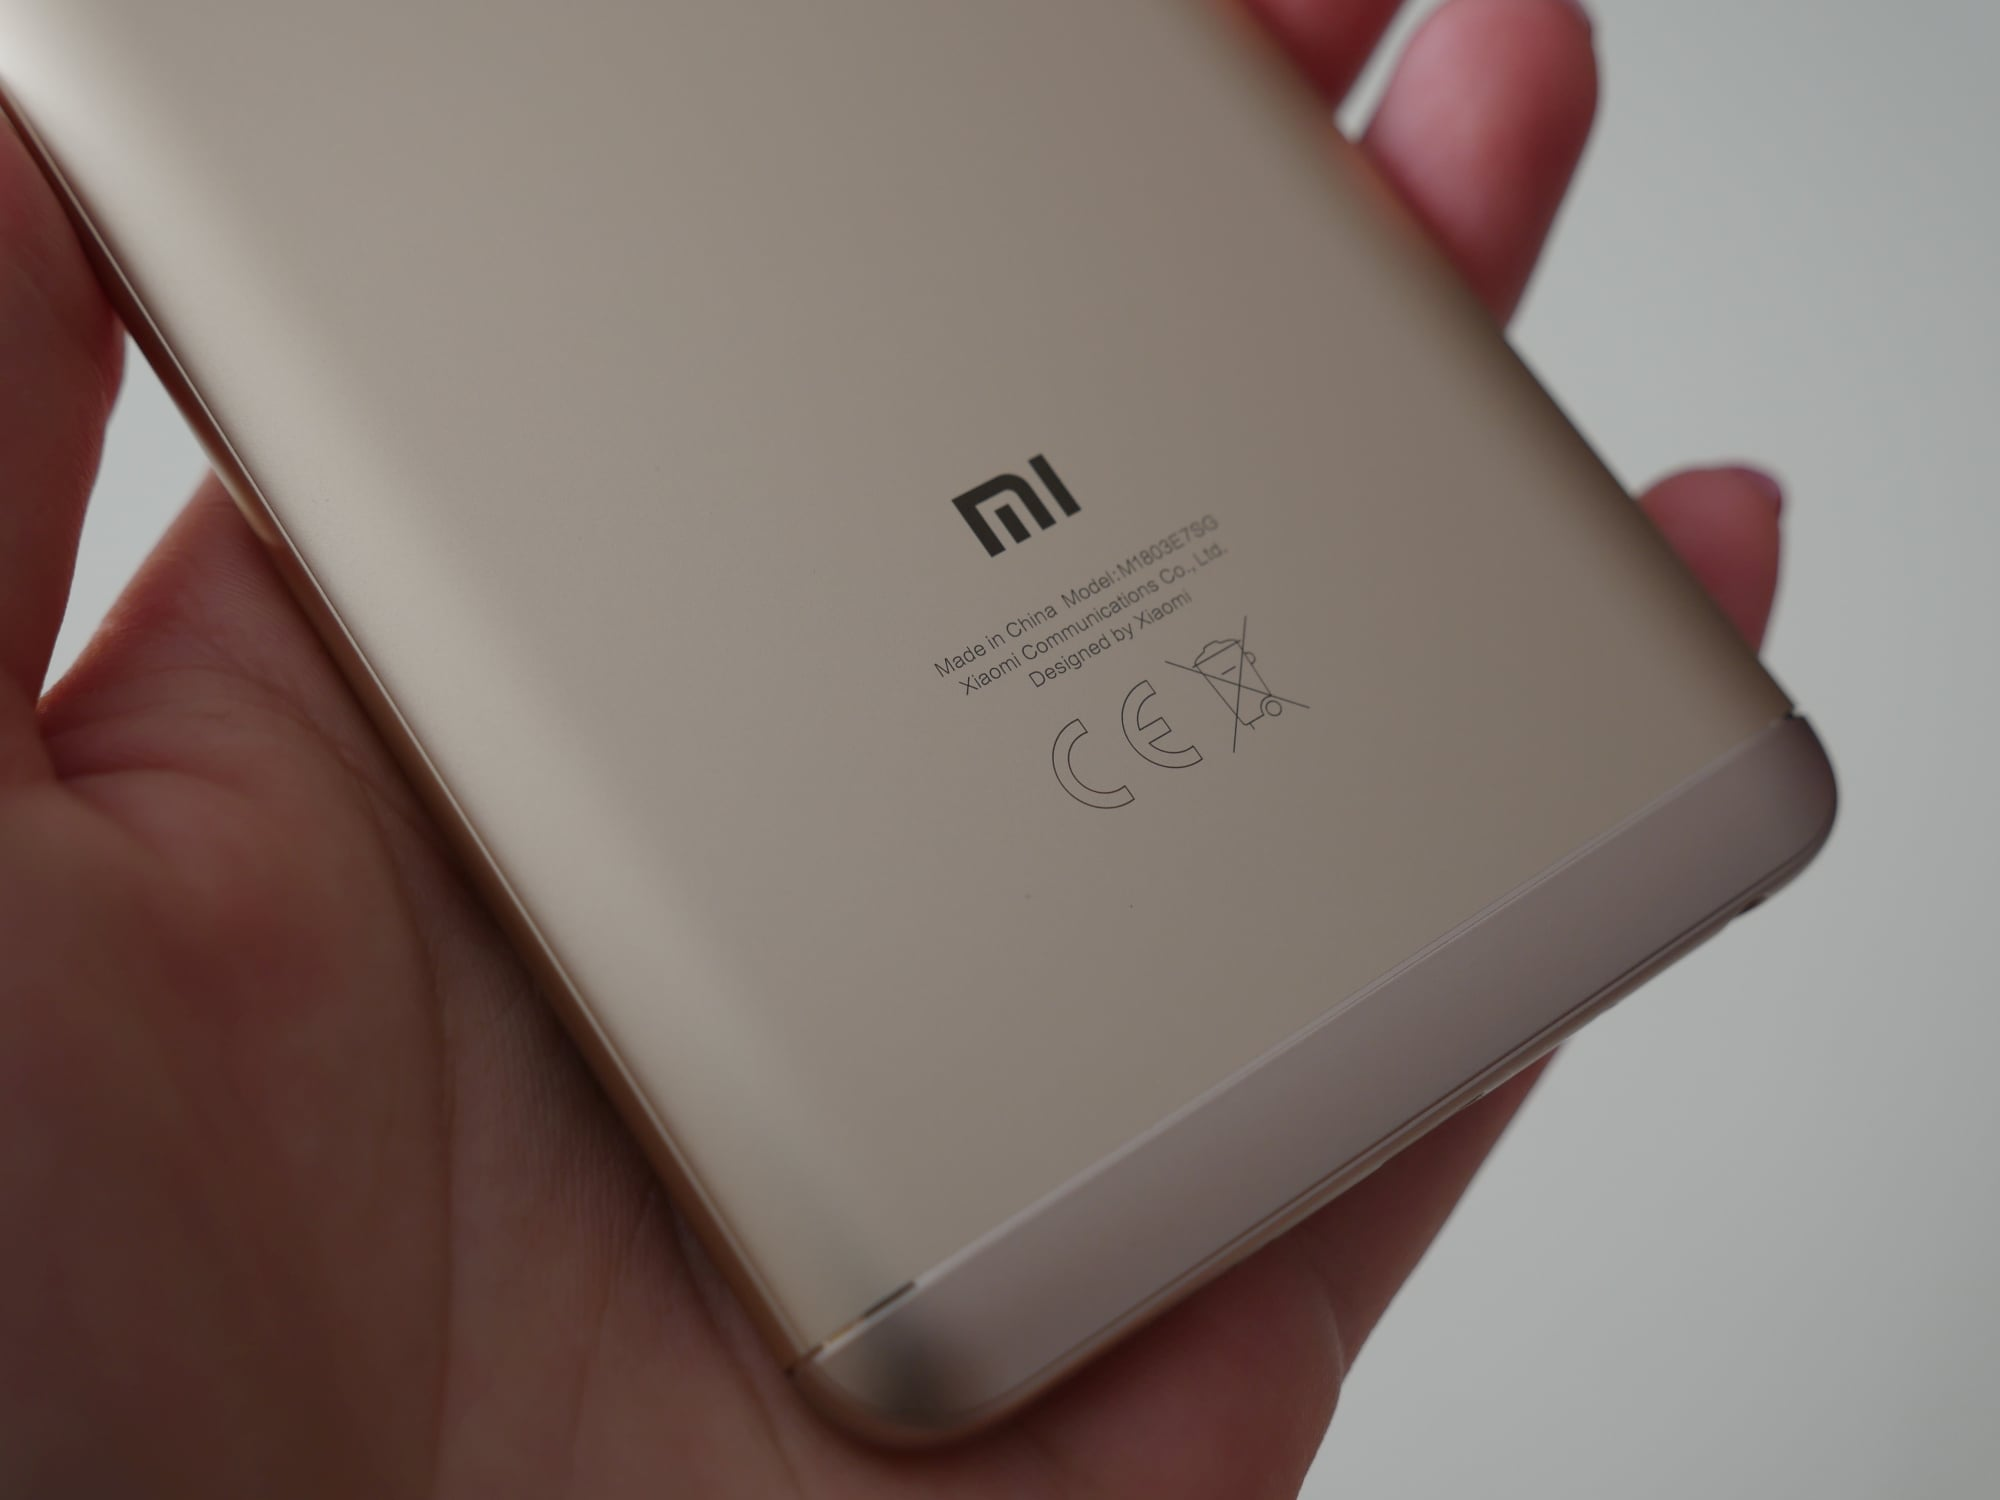 Taką specyfikację będzie miał Xiaomi Redmi 7. Zaoferuje m.in. nowy procesor Qualcomm Snapdragon 20